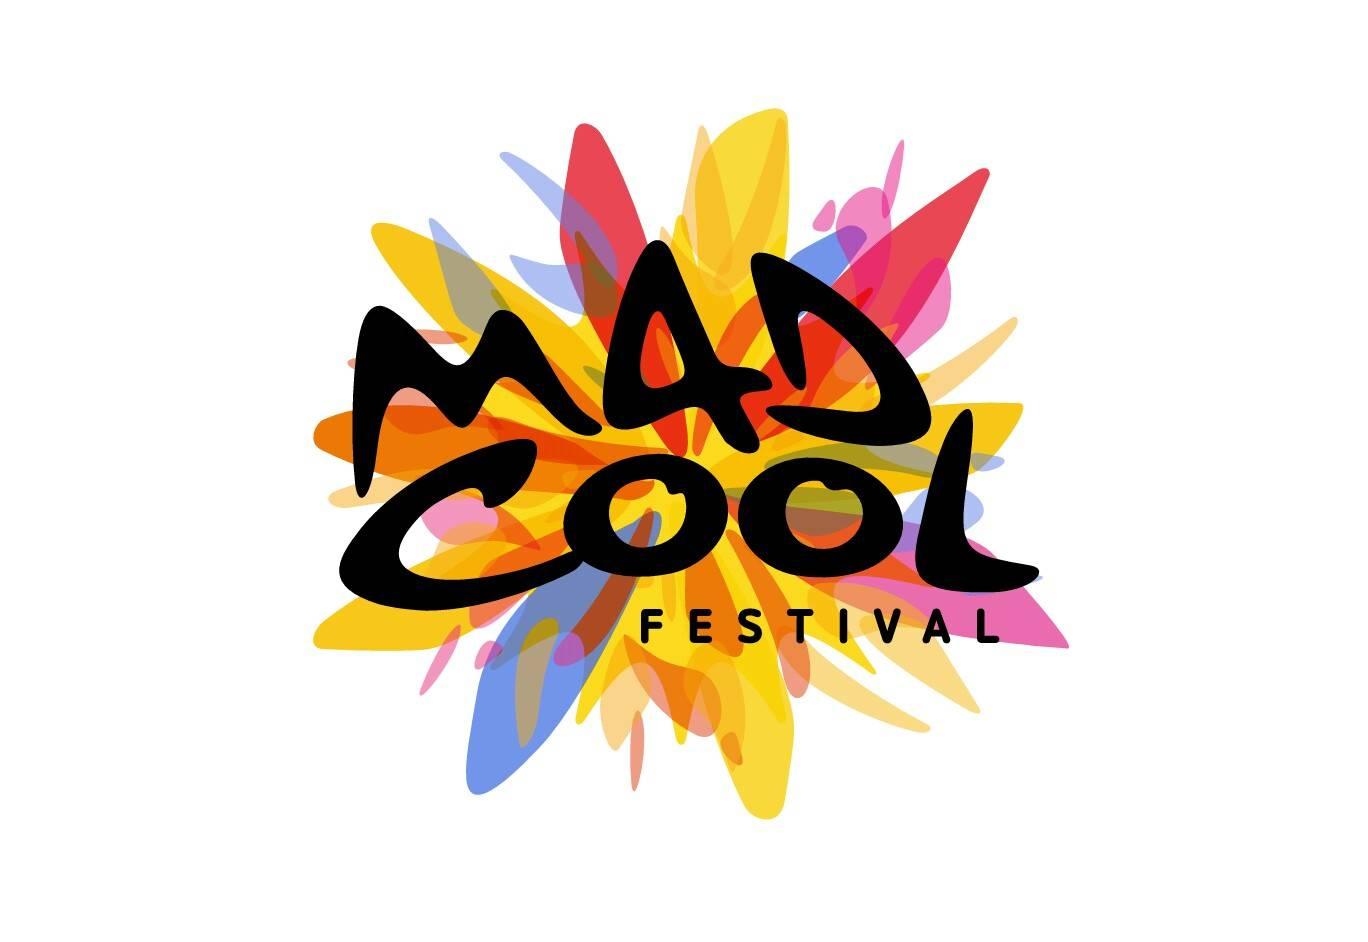 El MadCool se celebrará los días 16, 17 y 18 de junio en La Caja Mágica de Madrid